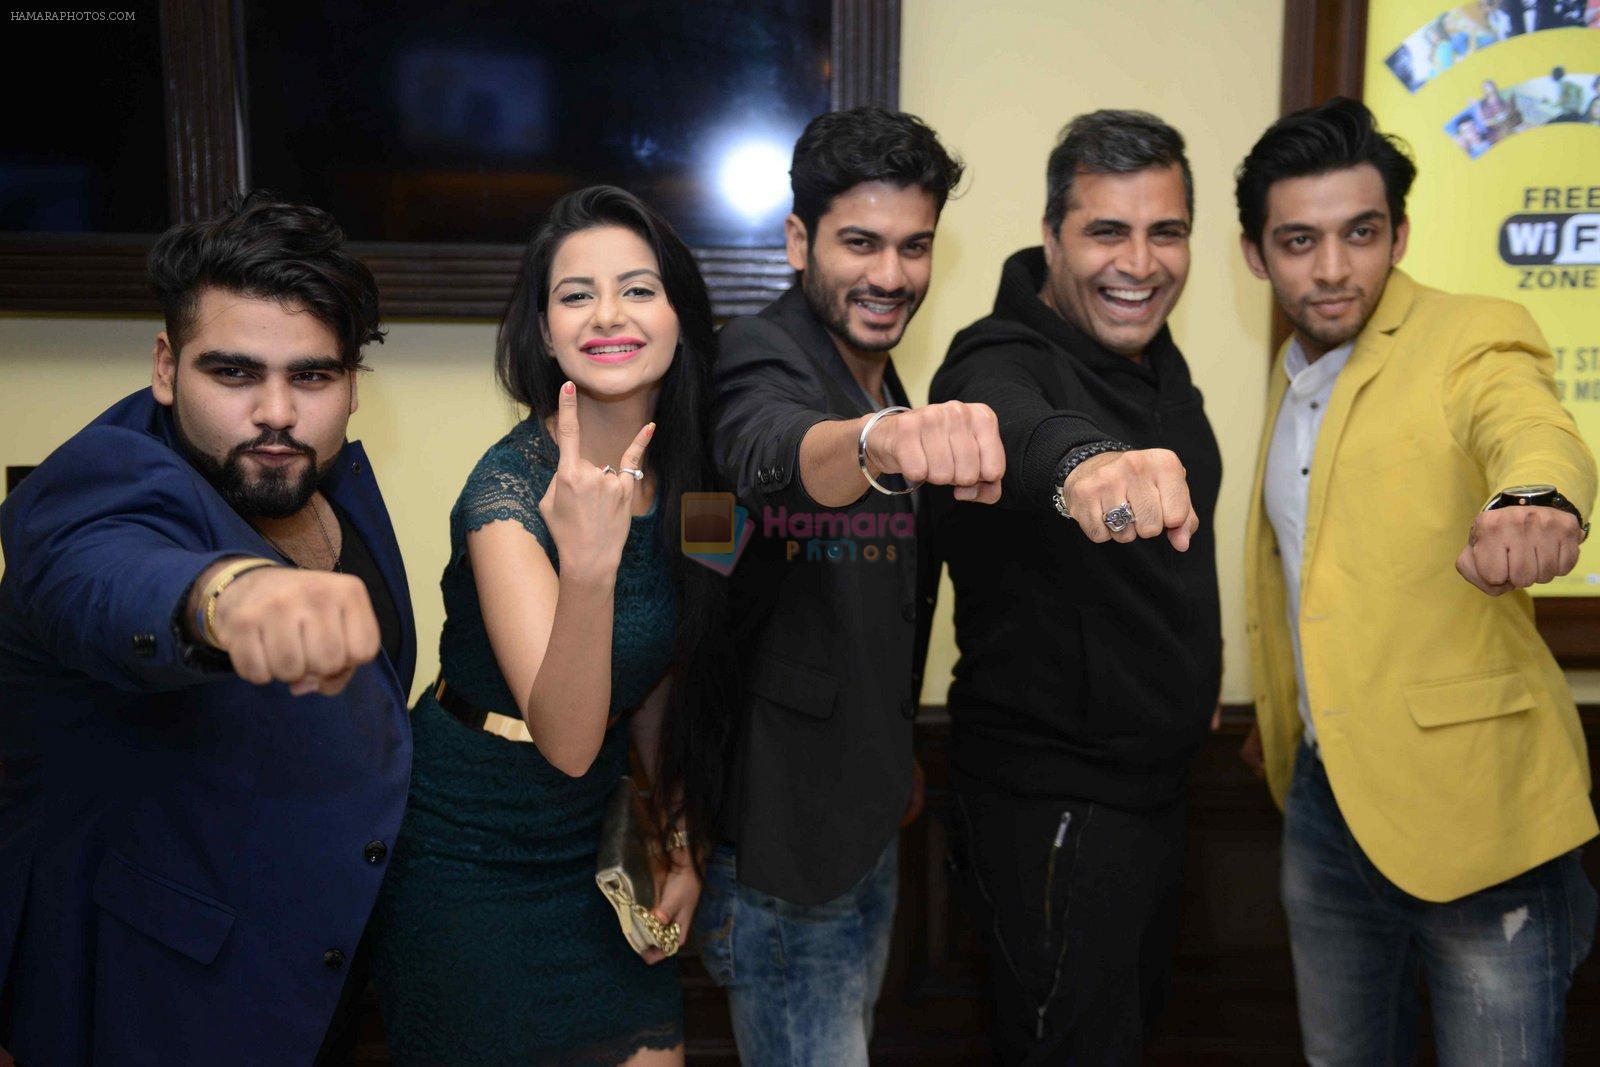 Ashrud Jain, Deepak Kadra, Shailendra Singh, Subha Rajput, Sunny Kaushal at Sunshine music travel press meet on 24th Aug 2016